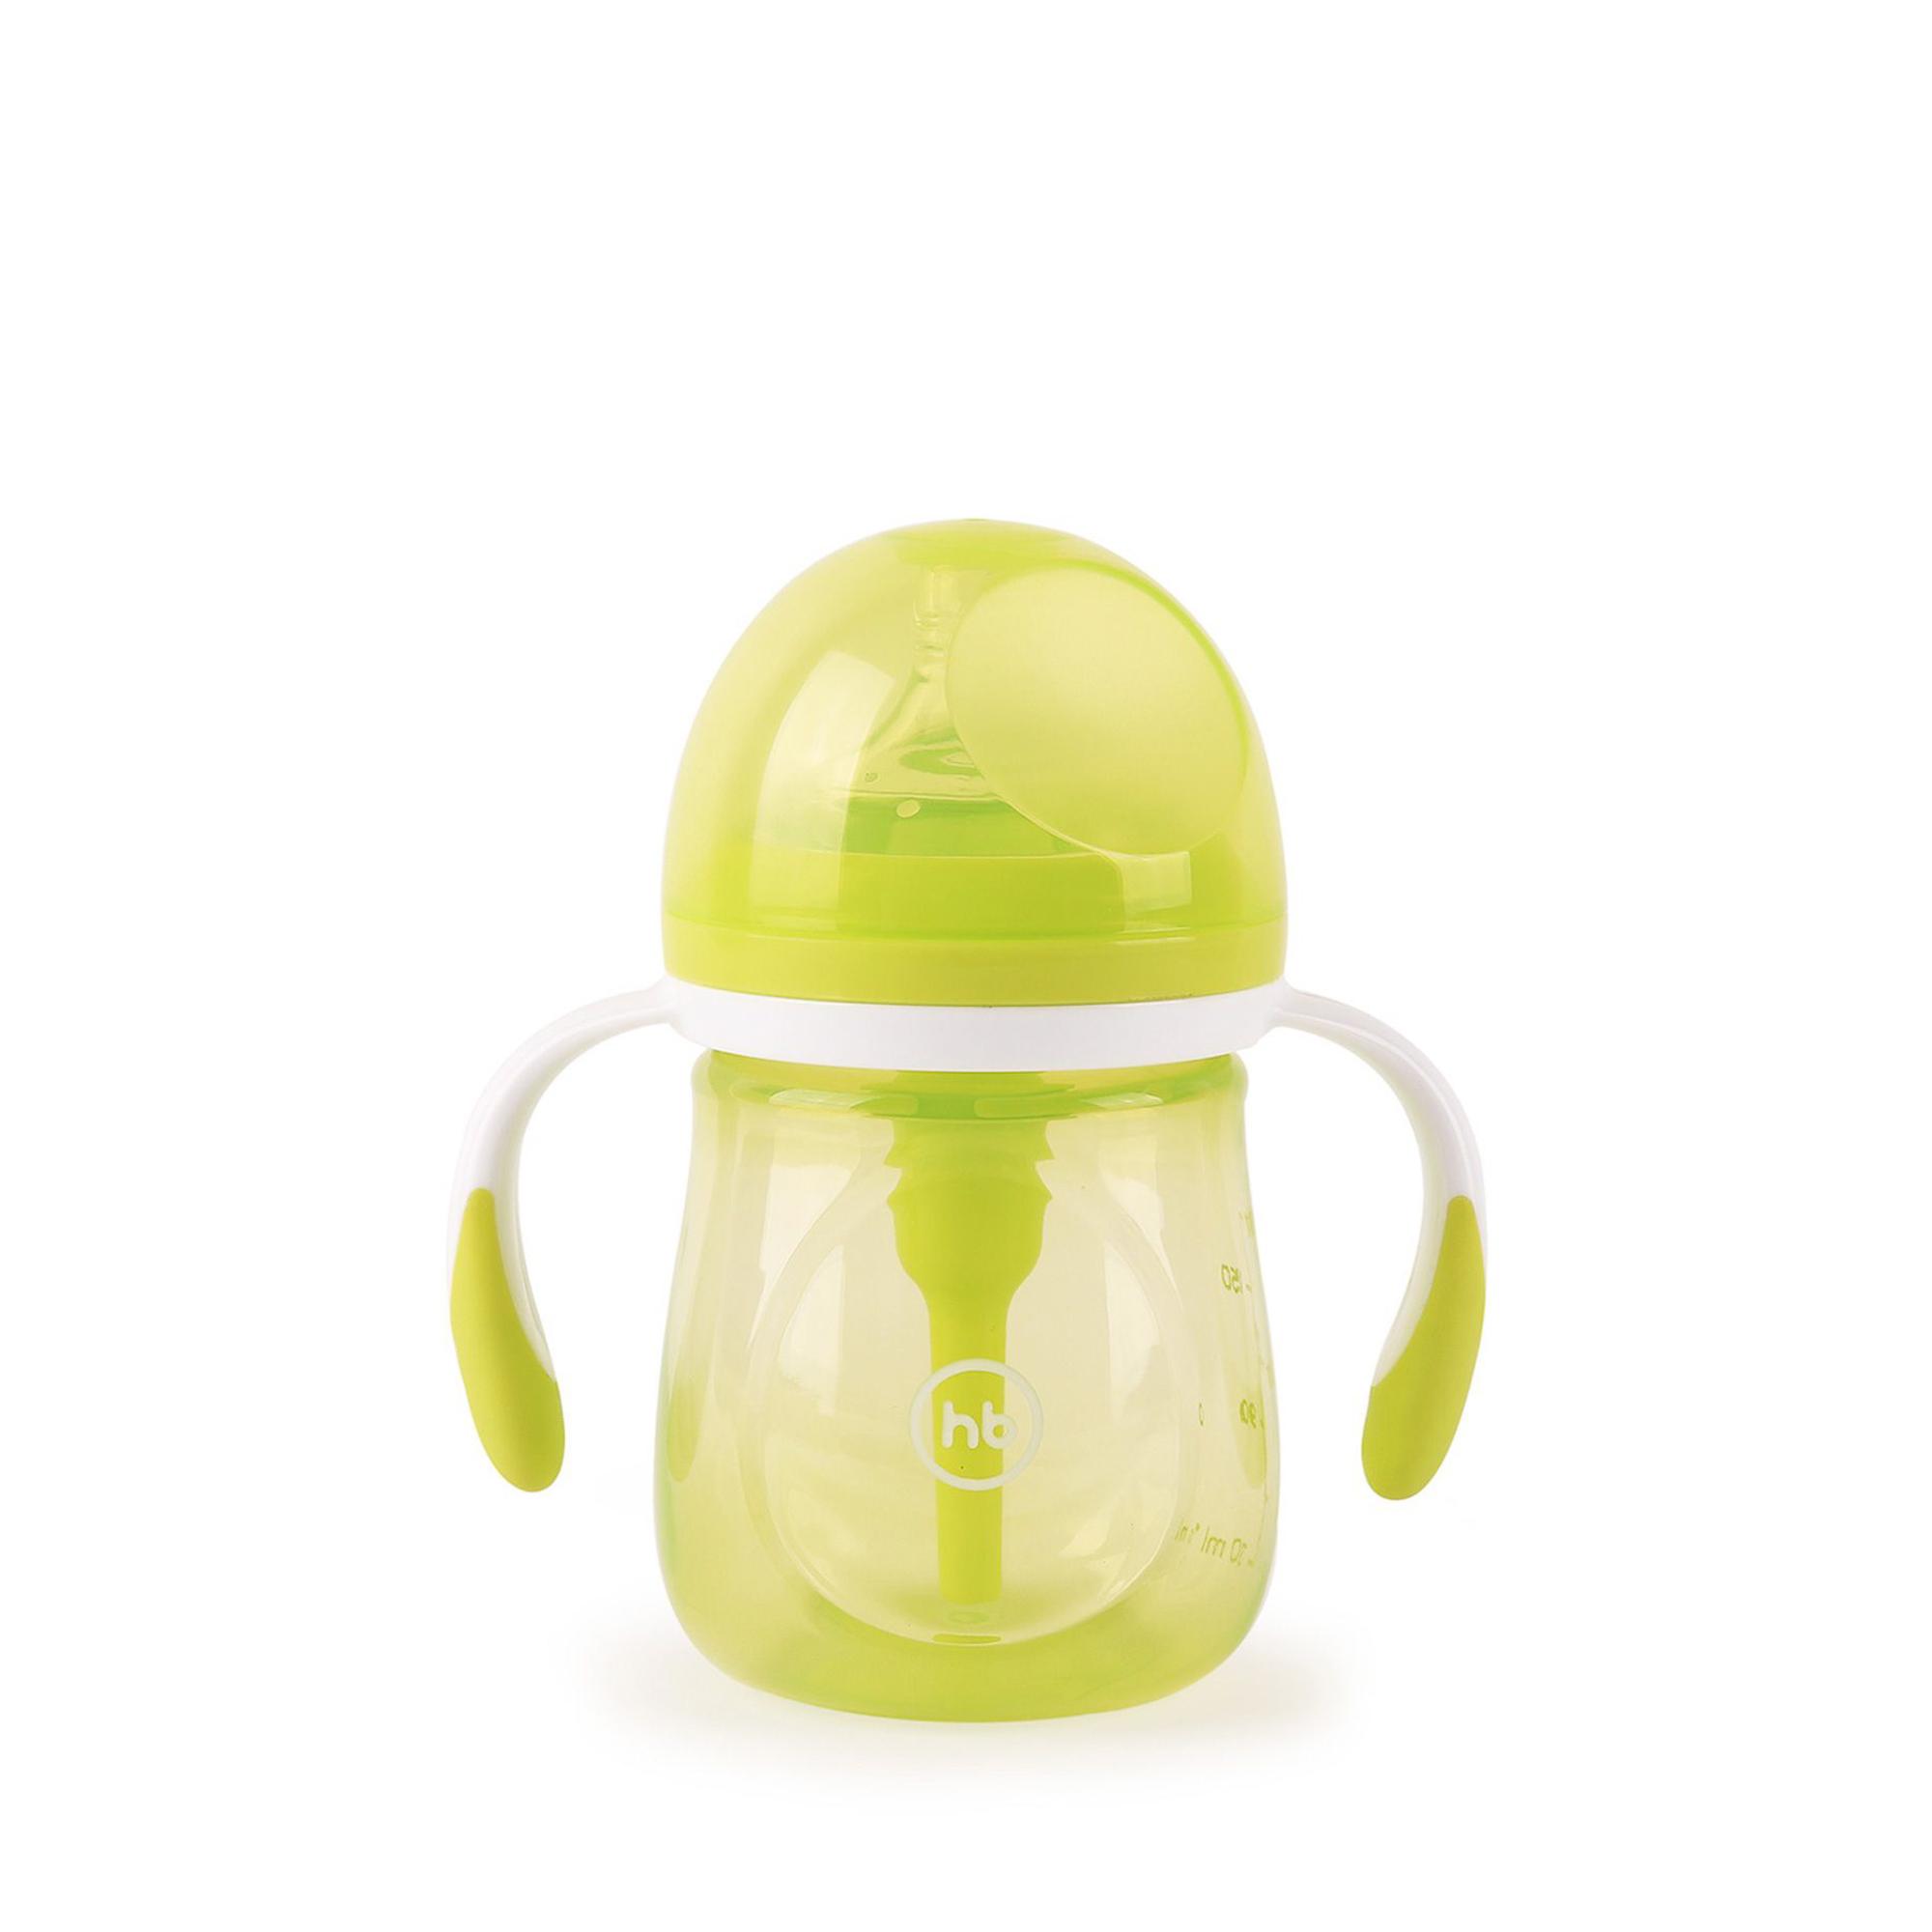 Купить Бутылочка антиколиковая Happy Baby Lime 0, 18 л, Китай, зеленый, Детская посуда и аксессуары